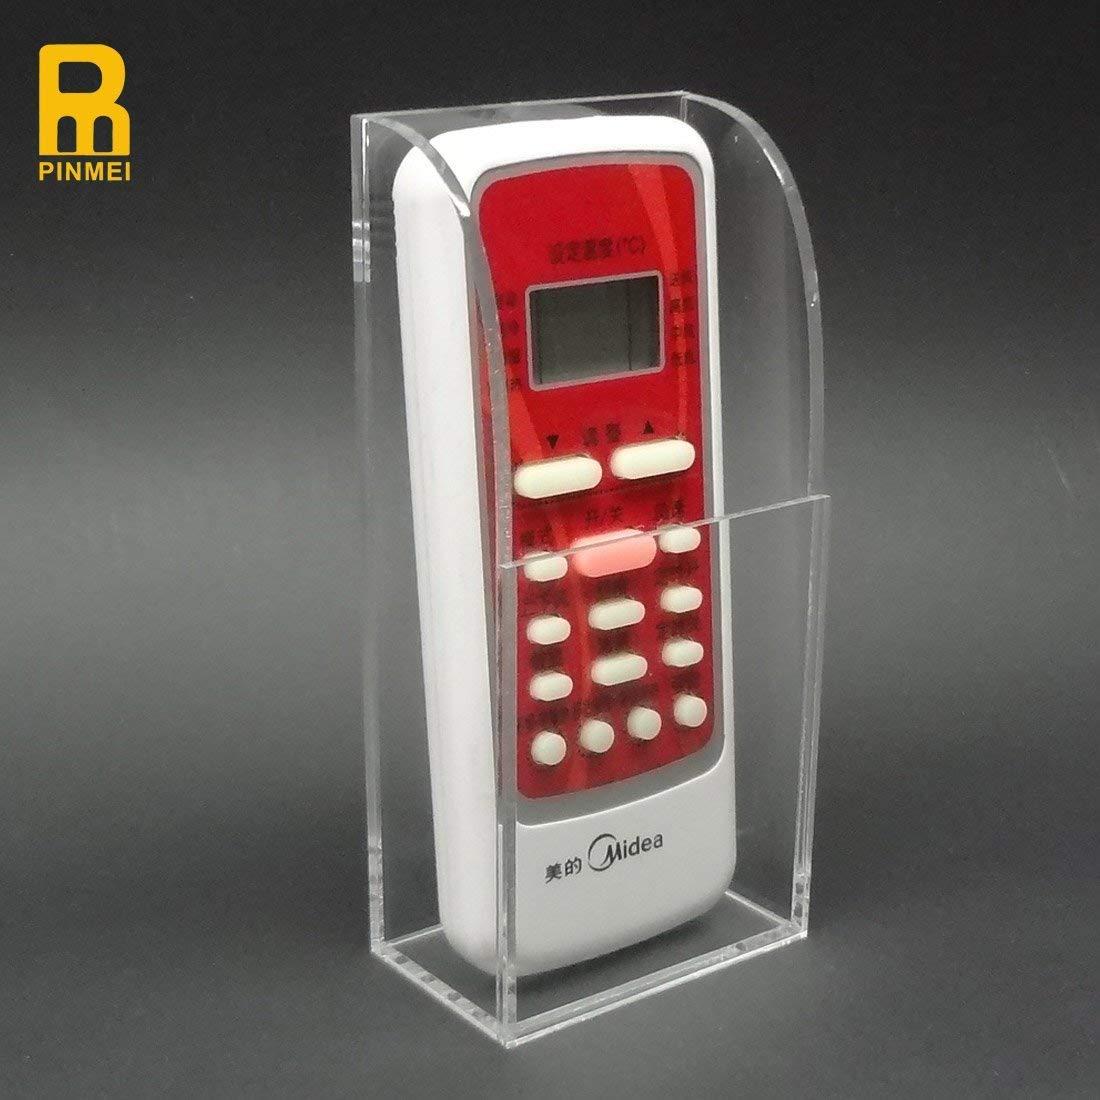 PINMEI Acrylic Remote Control Holder Wall Mount Media Organizer Box TV Remote Control Holder TV Remote Caddy Organizer